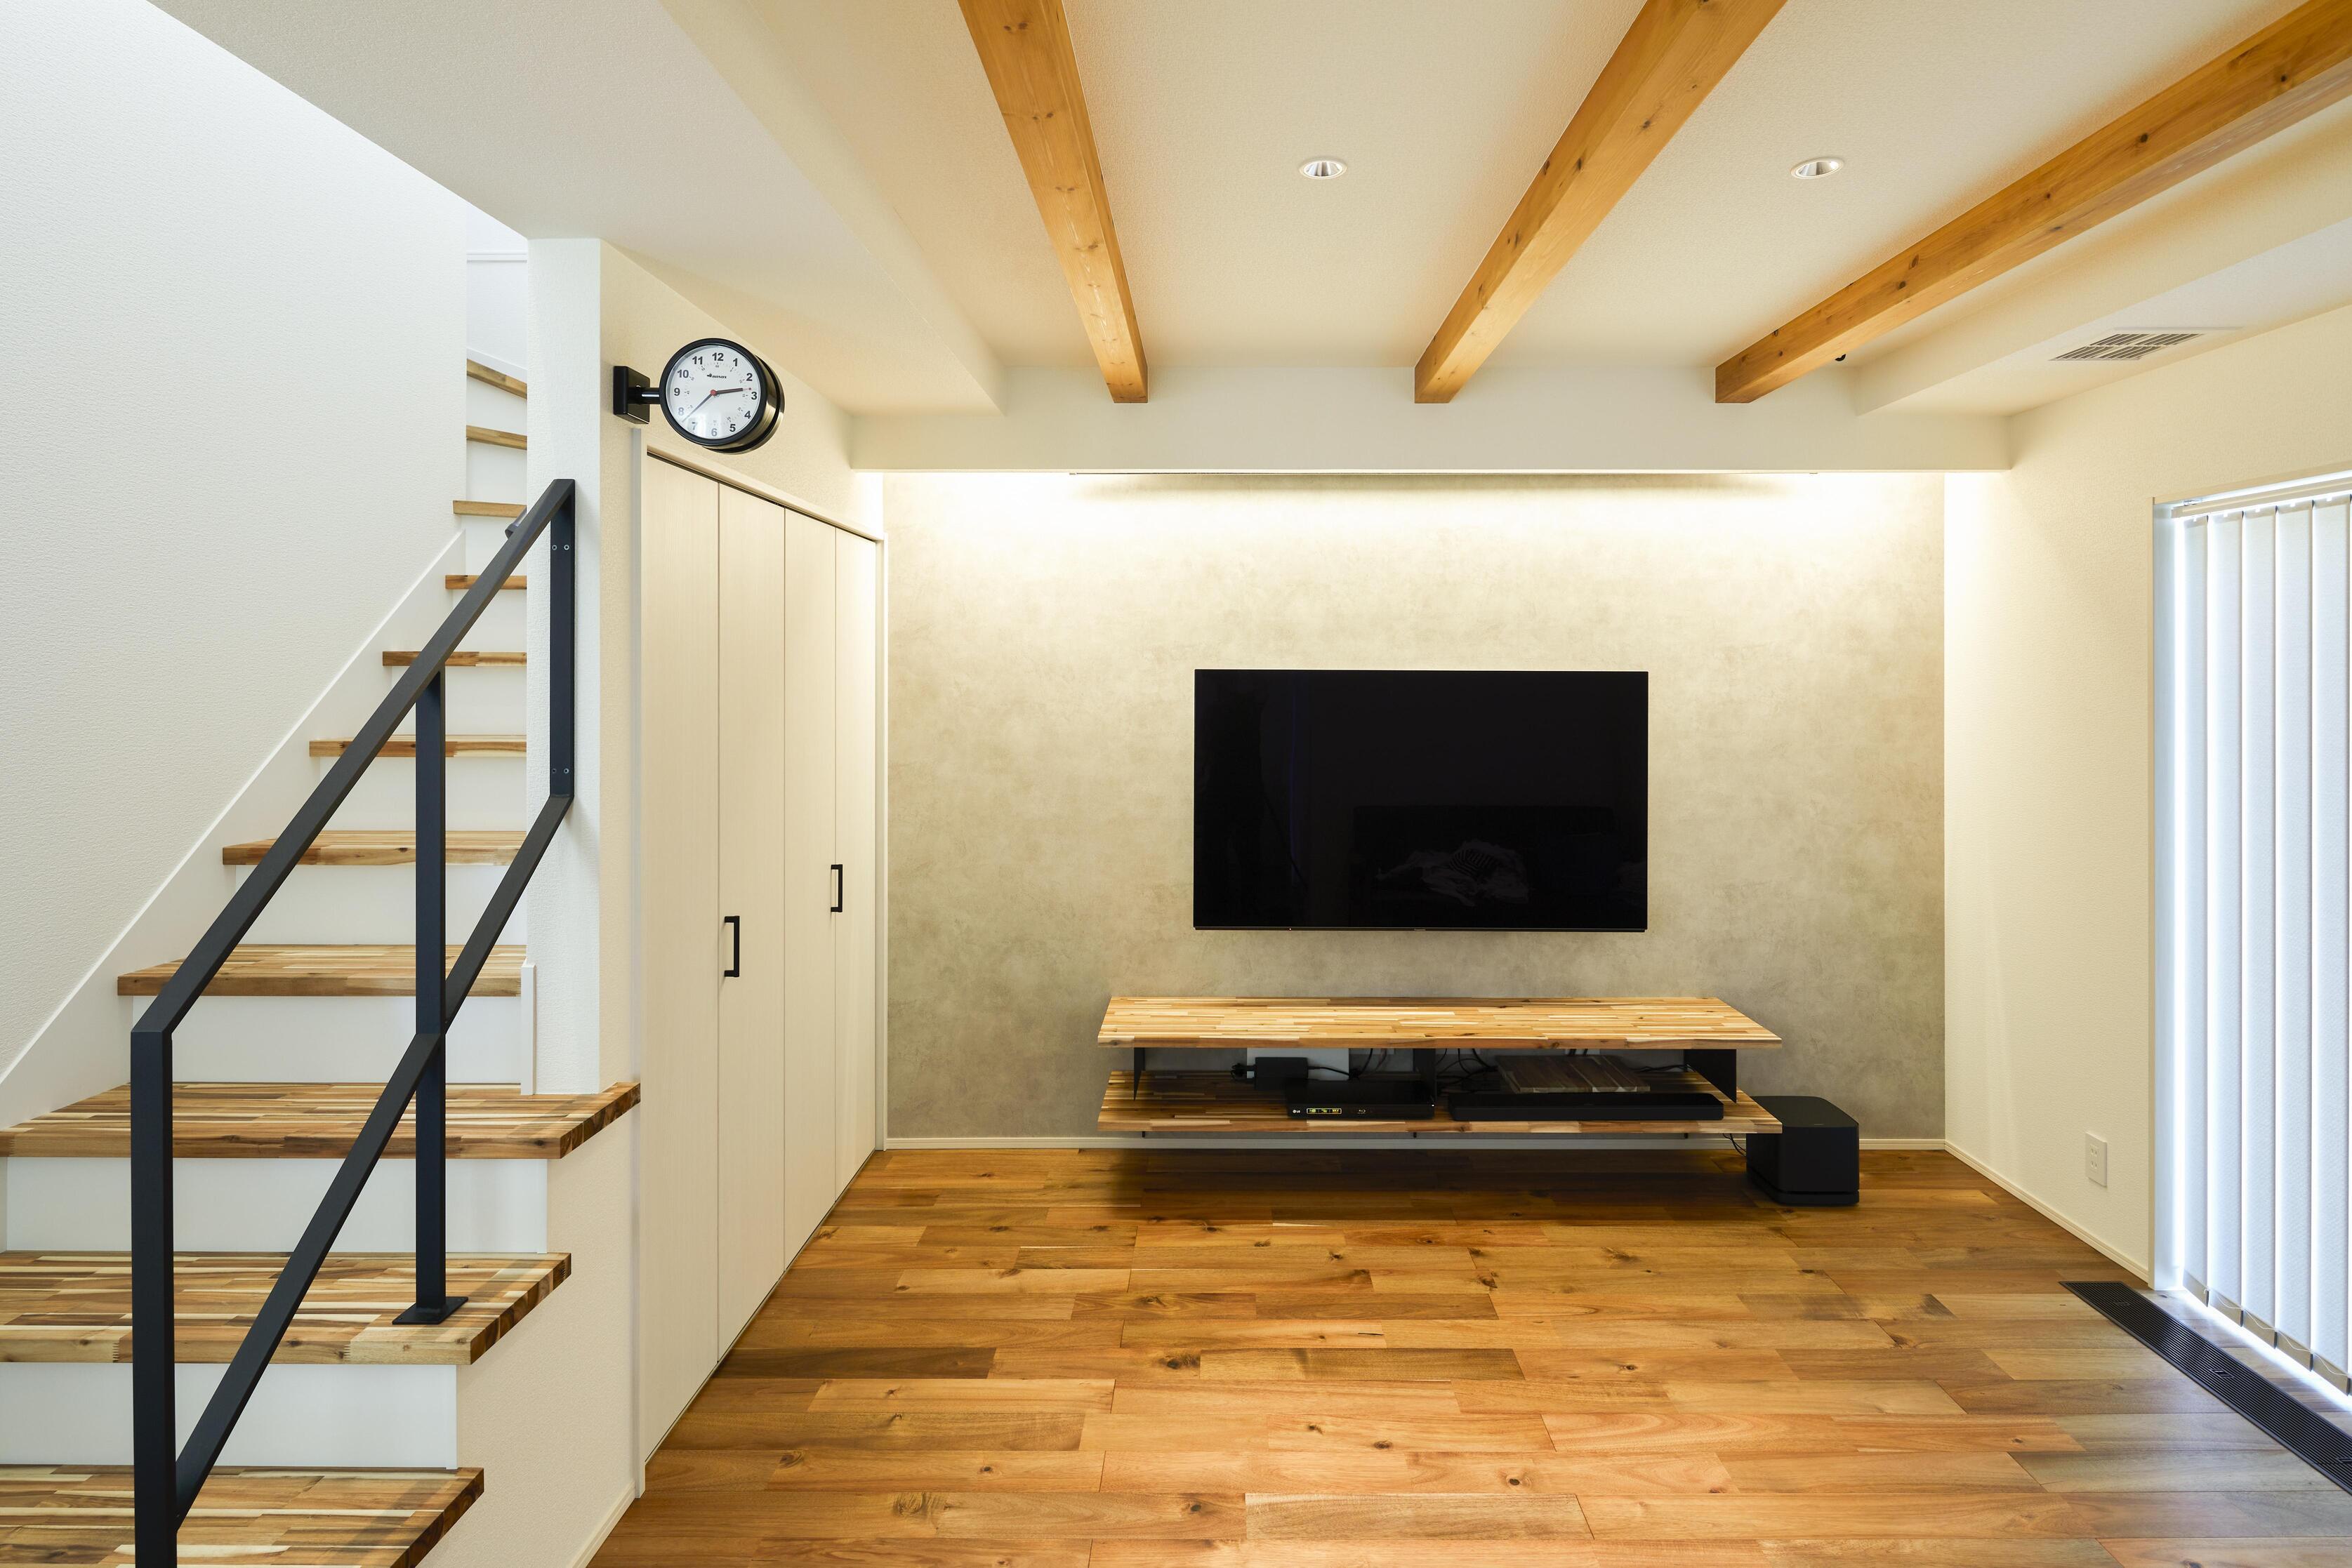 間接照明とアカシアの無垢床が暖かく優しい印象を与えてくれる